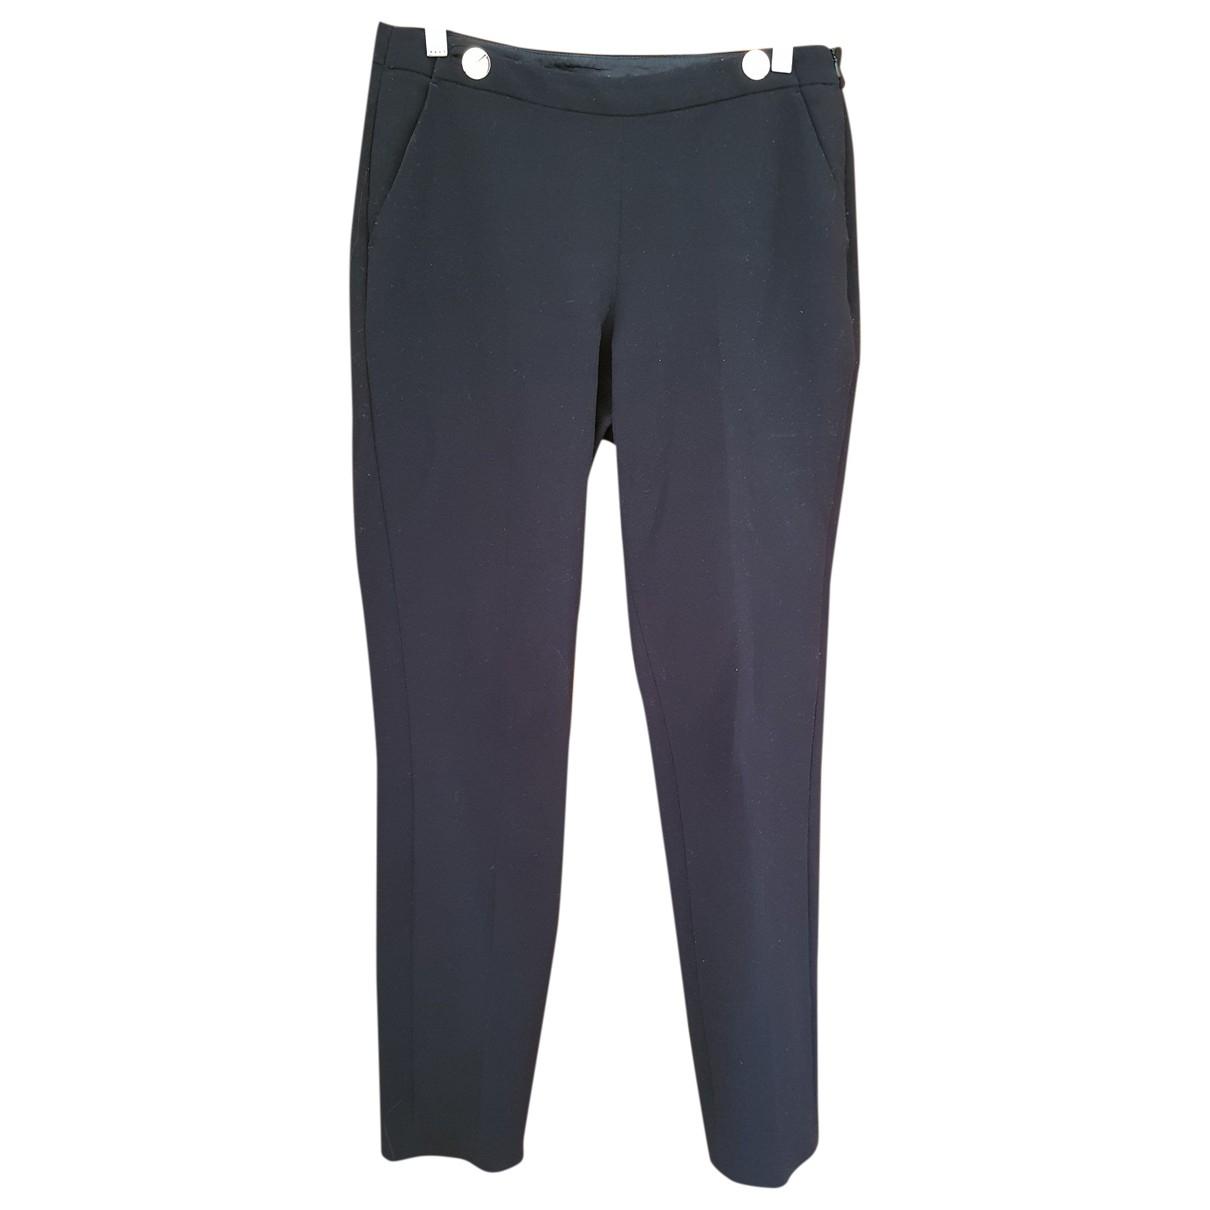 Lk Bennett \N Black Trousers for Women 10 UK